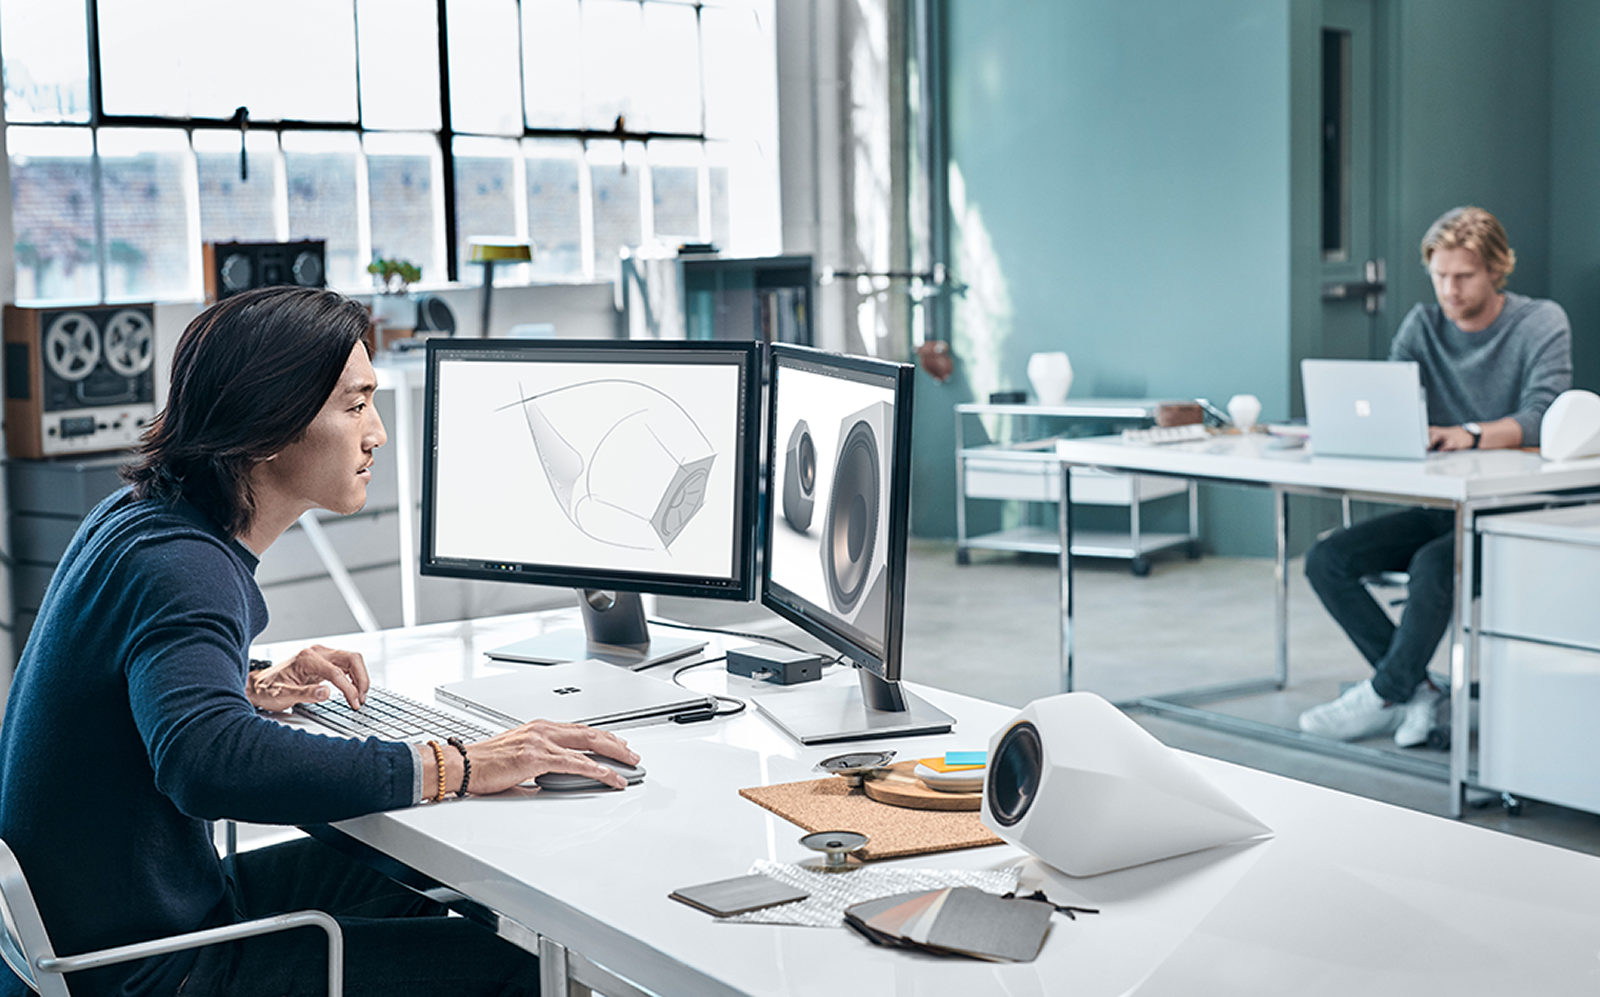 Microsoft satsar på kreativa branscher – där man lyssnar på rullbandspelare samtidigt som man arbetar i oergonomiska sittställningar. Foto: Microsoft